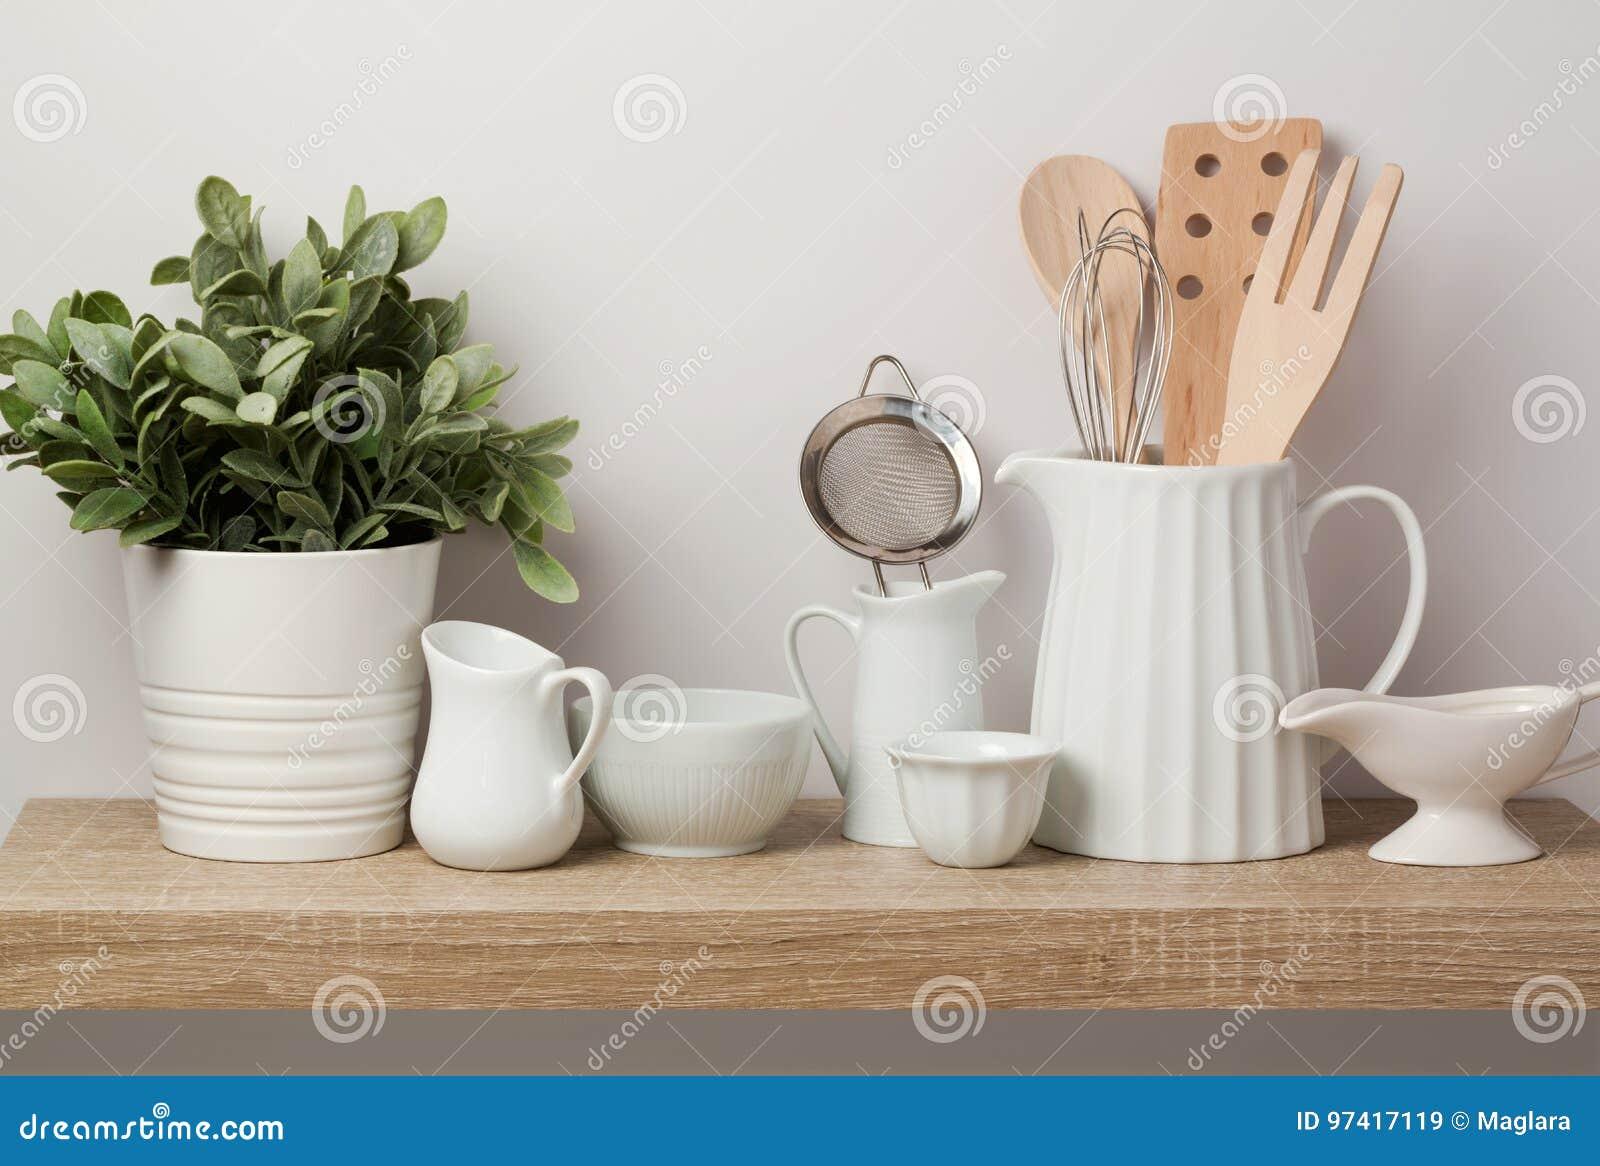 Утвари и посуда кухни на деревянной полке